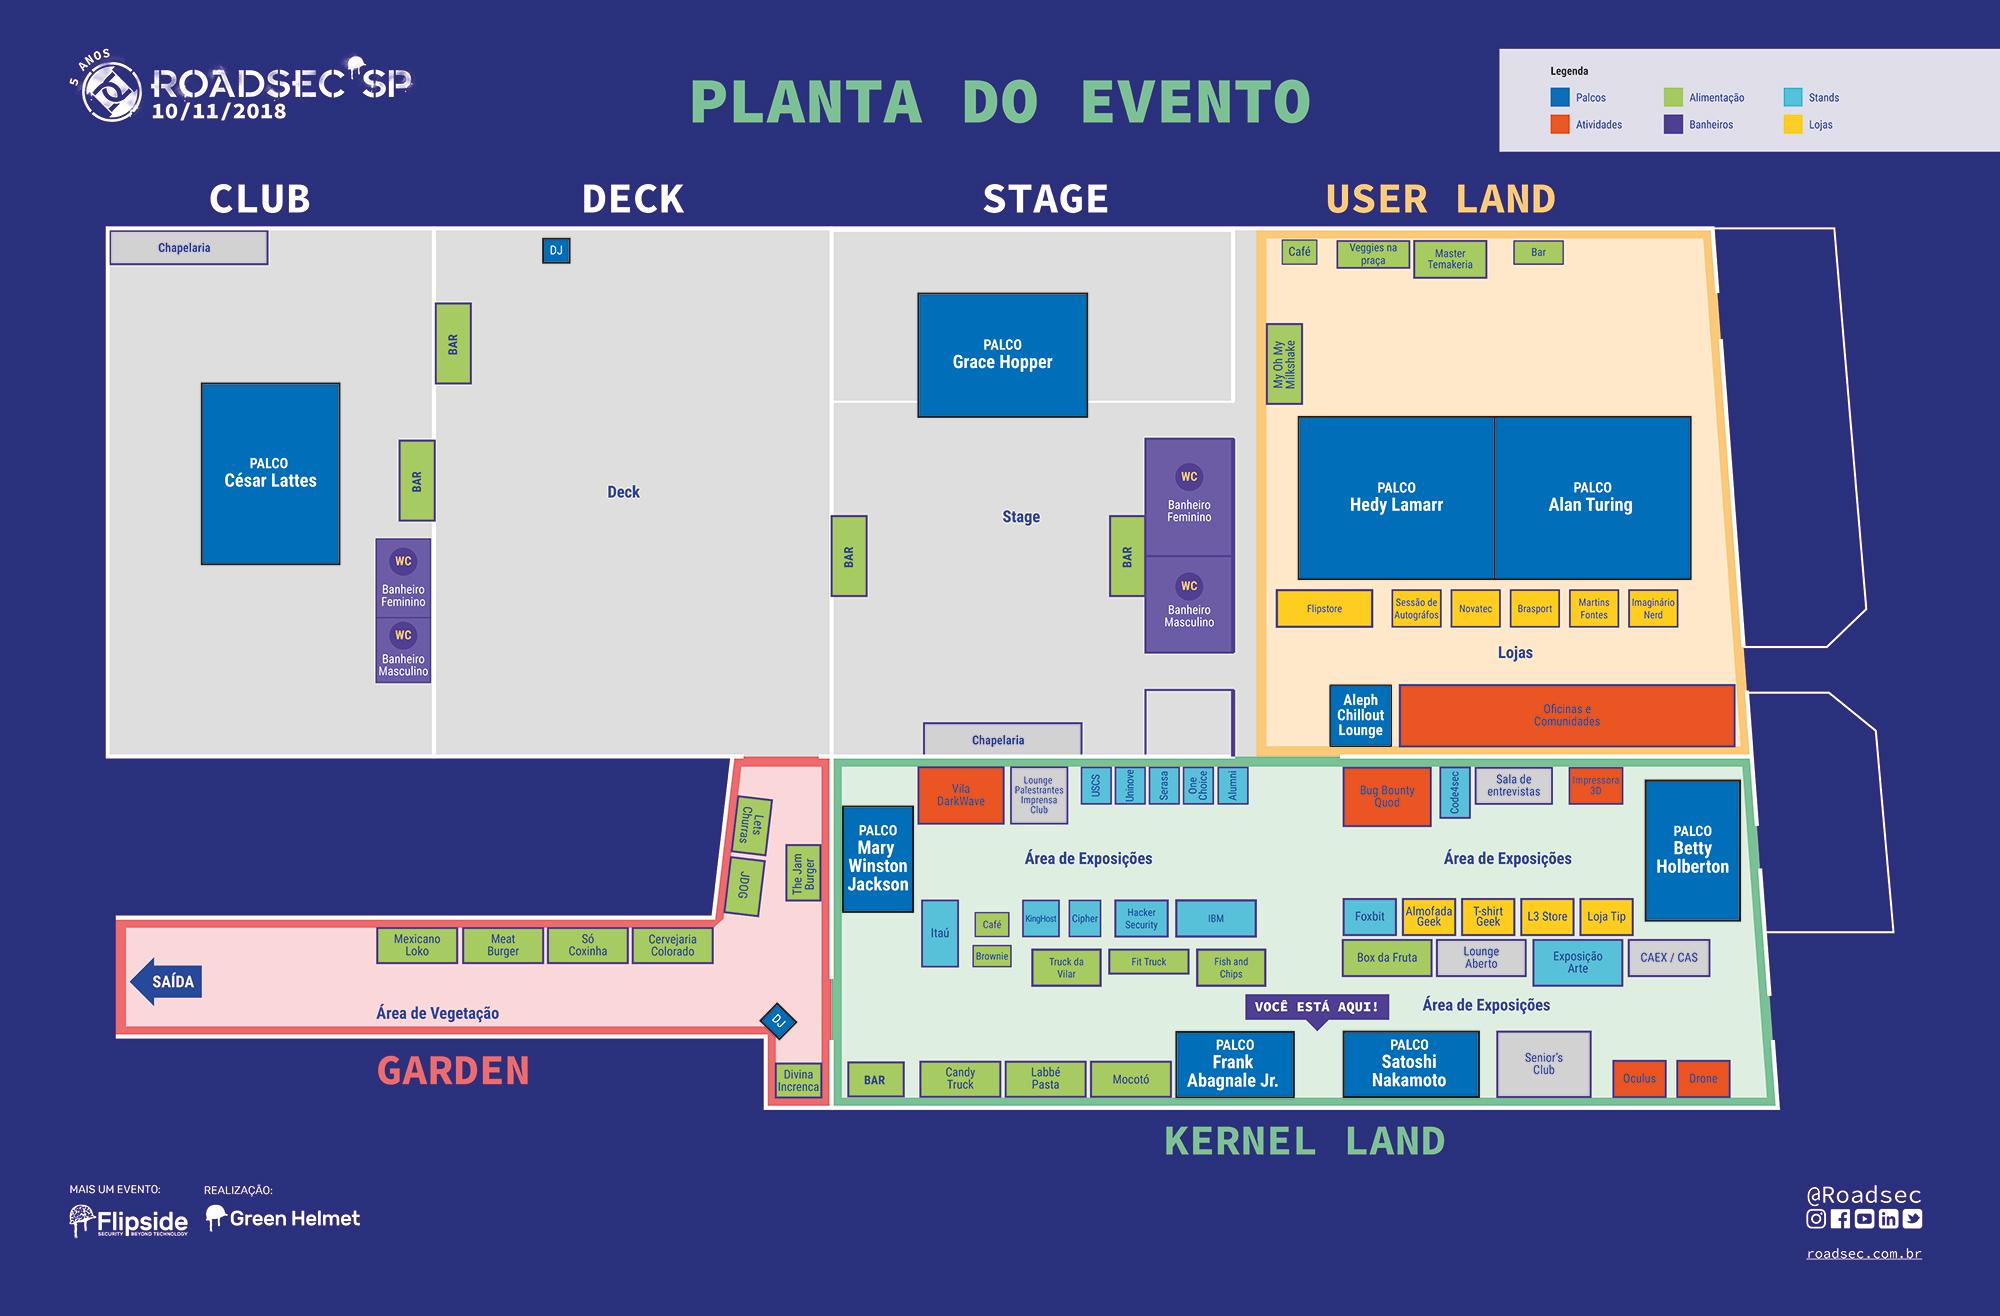 RSSP18-Sinalização-PlantãoEvento-v2-WEB.jpg